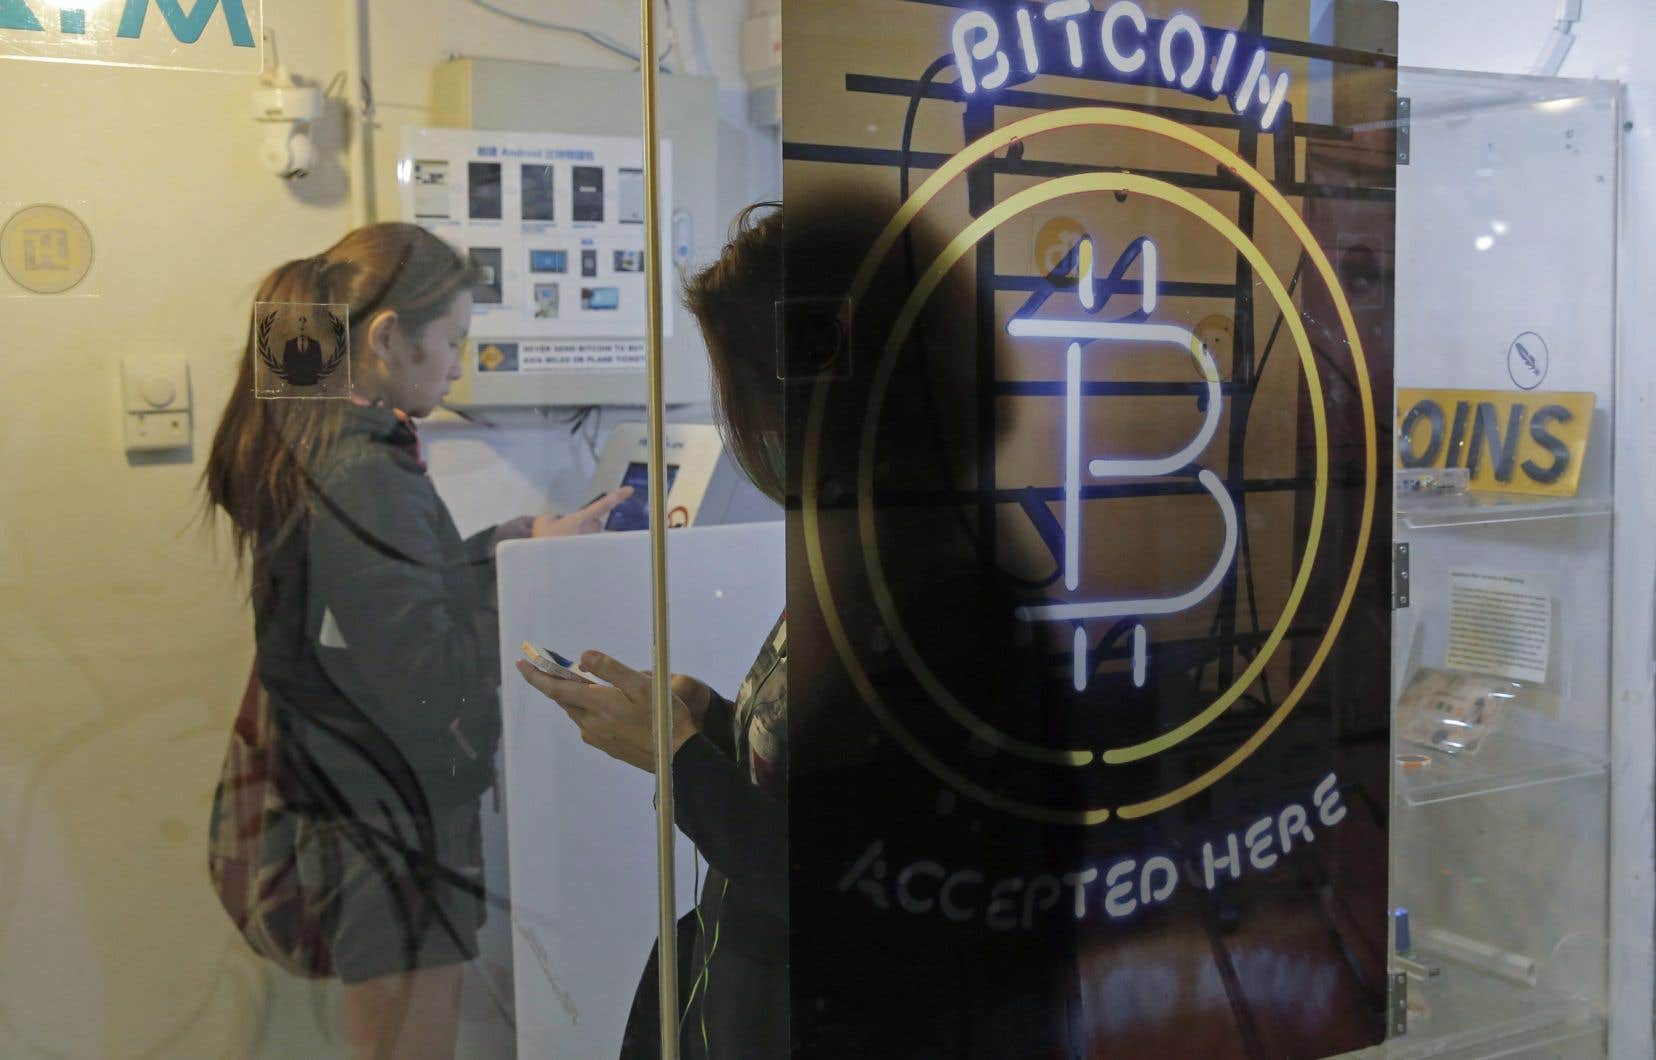 À son plus bas niveau enregistré mercredi, le bitcoin perdait près d'un tiers de sa valeur par rapport au début de la semaine et plus de la moitié en comparaison avec son record, le 14avril, à 64869,78 dollars américains.